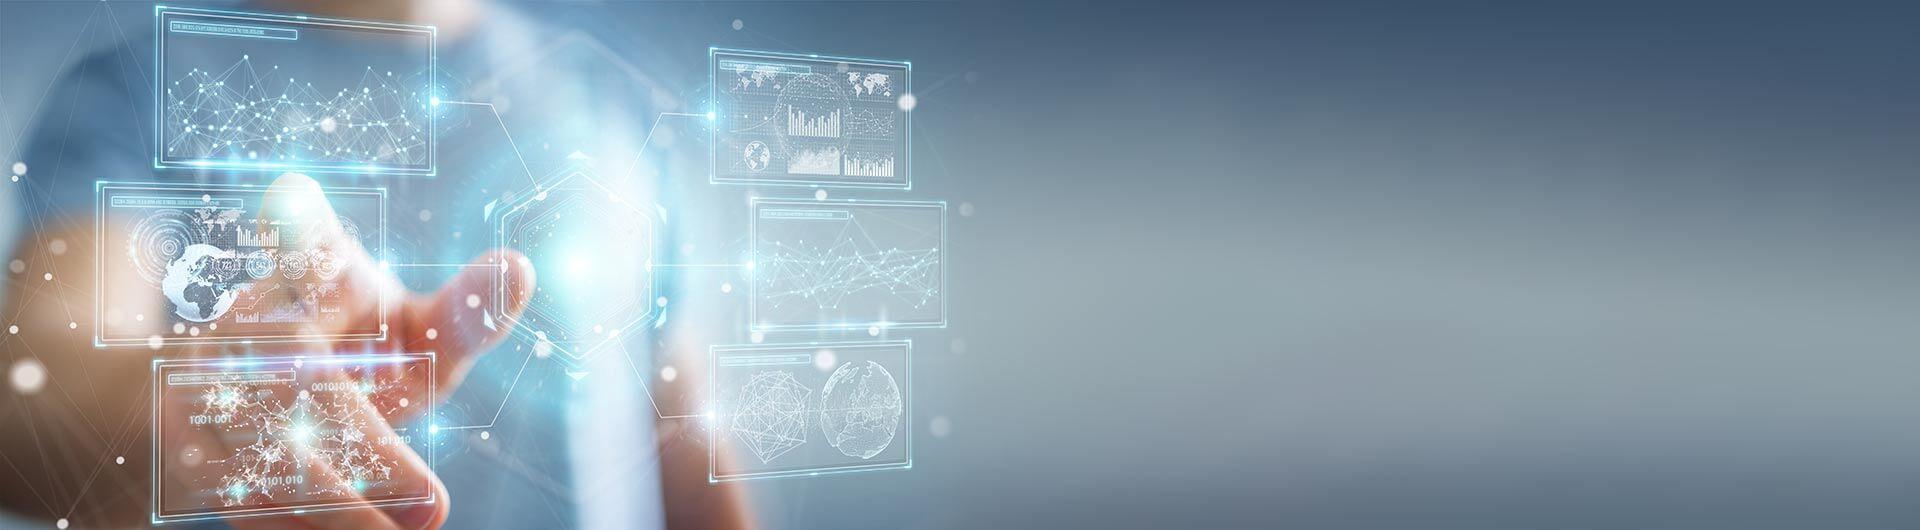 איך למכור יותר בעזרת ביג דאטה (Big Data) בחנות וירטואלית?